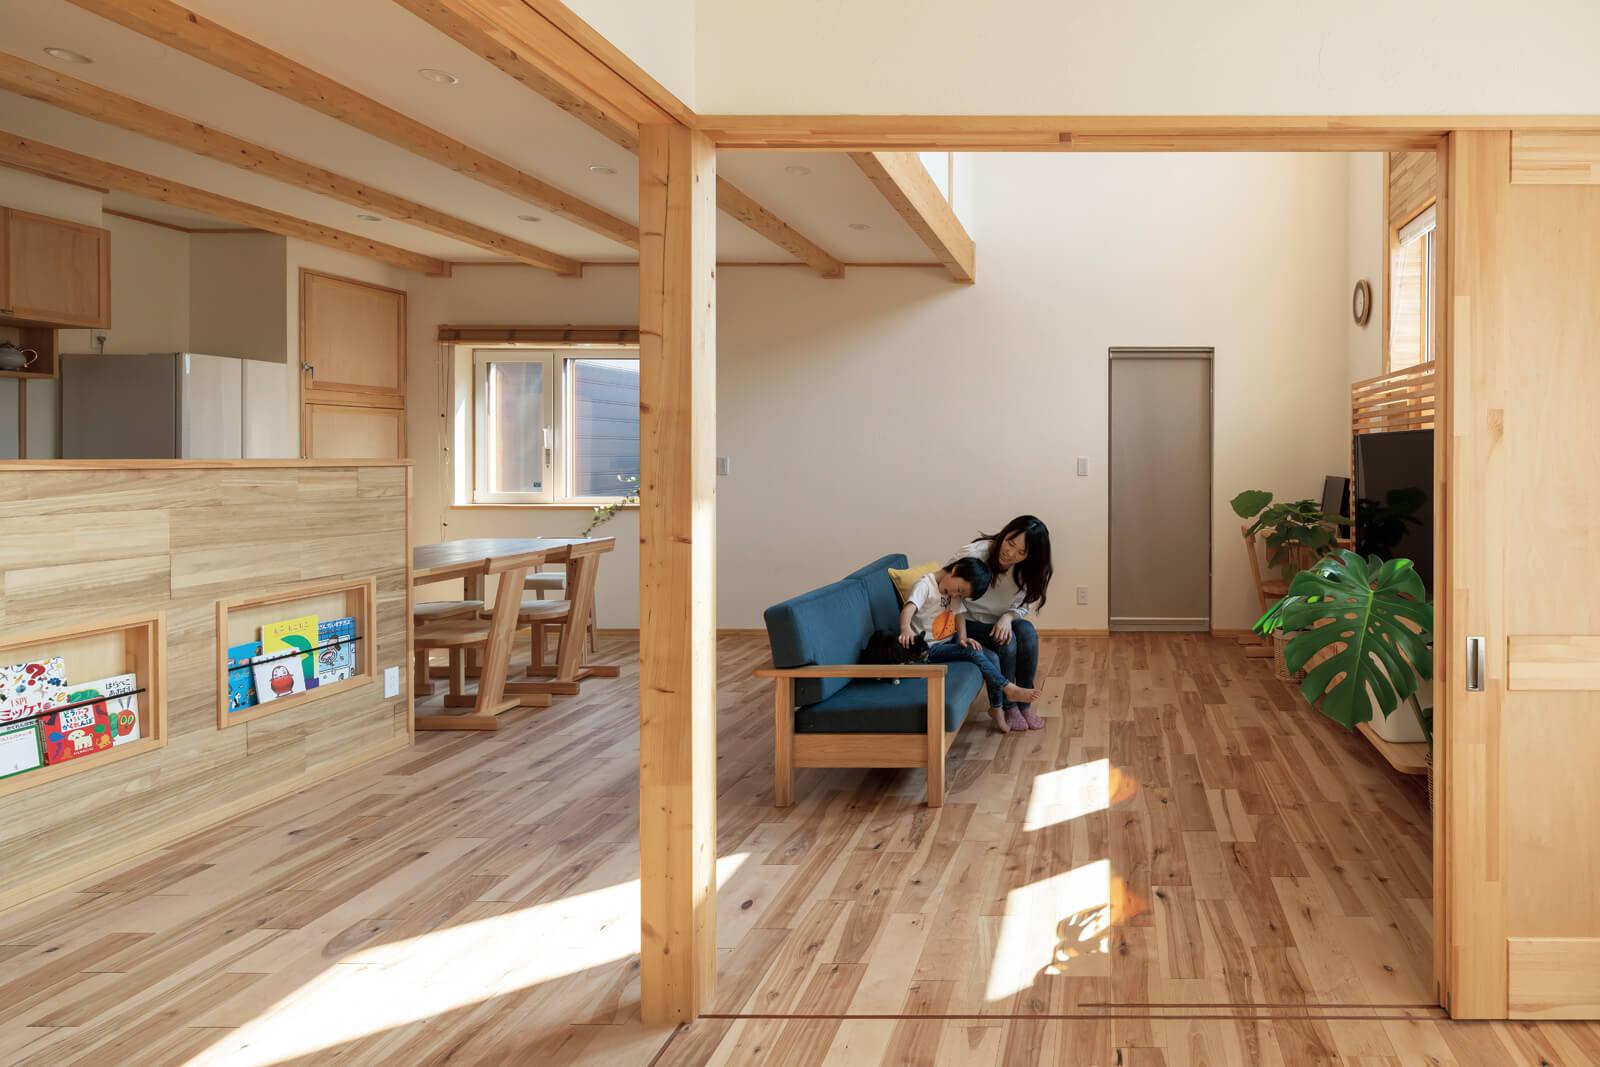 客間にもなる洋室から見たリビング。ソファを中心に集まっても、育ち盛りの子どもたちが自由に動ける広さ